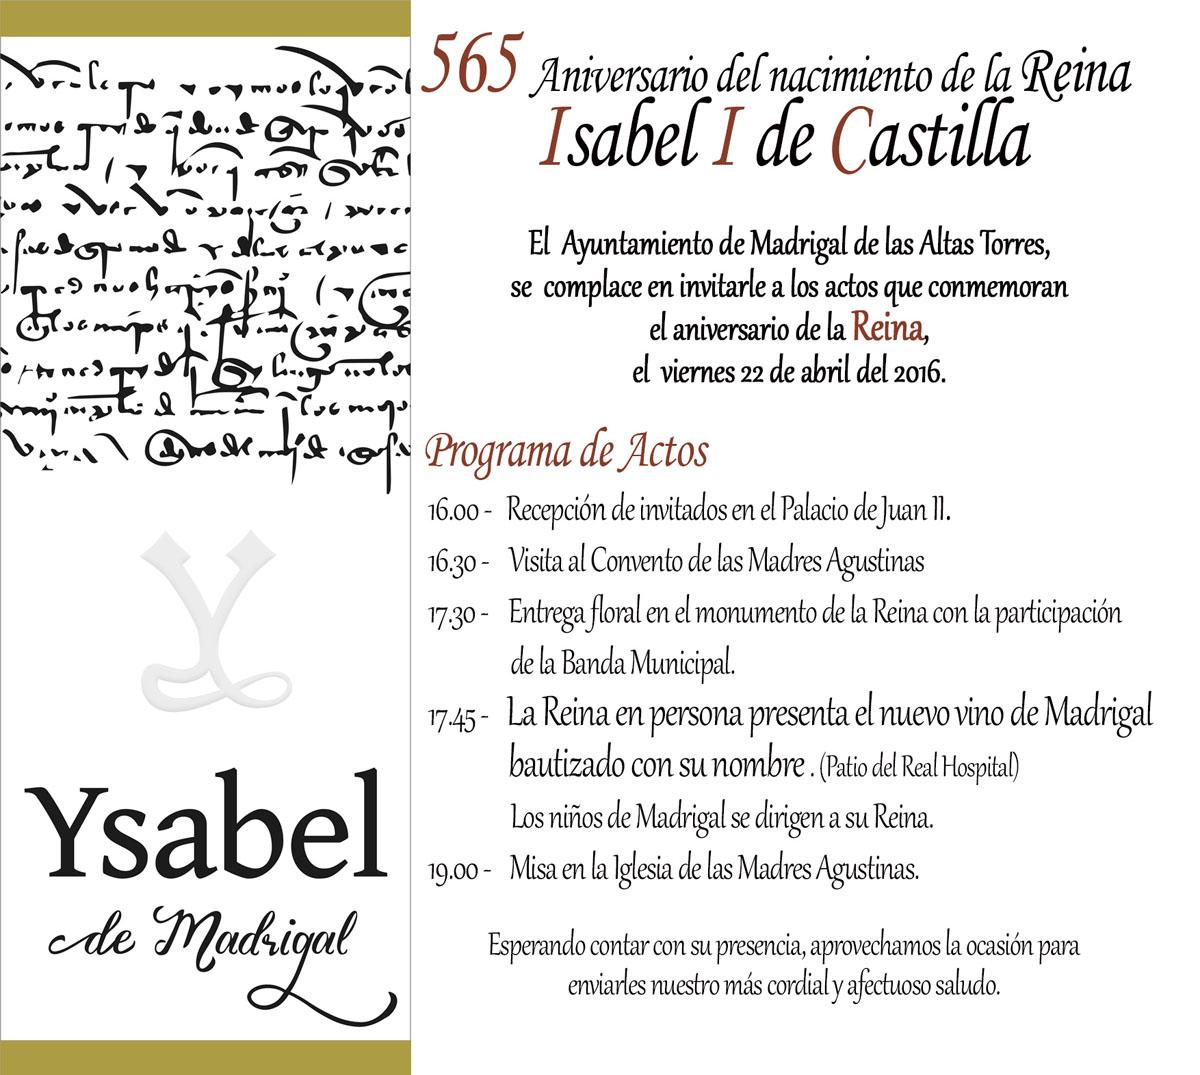 Programa de Actos 565 Aniversario